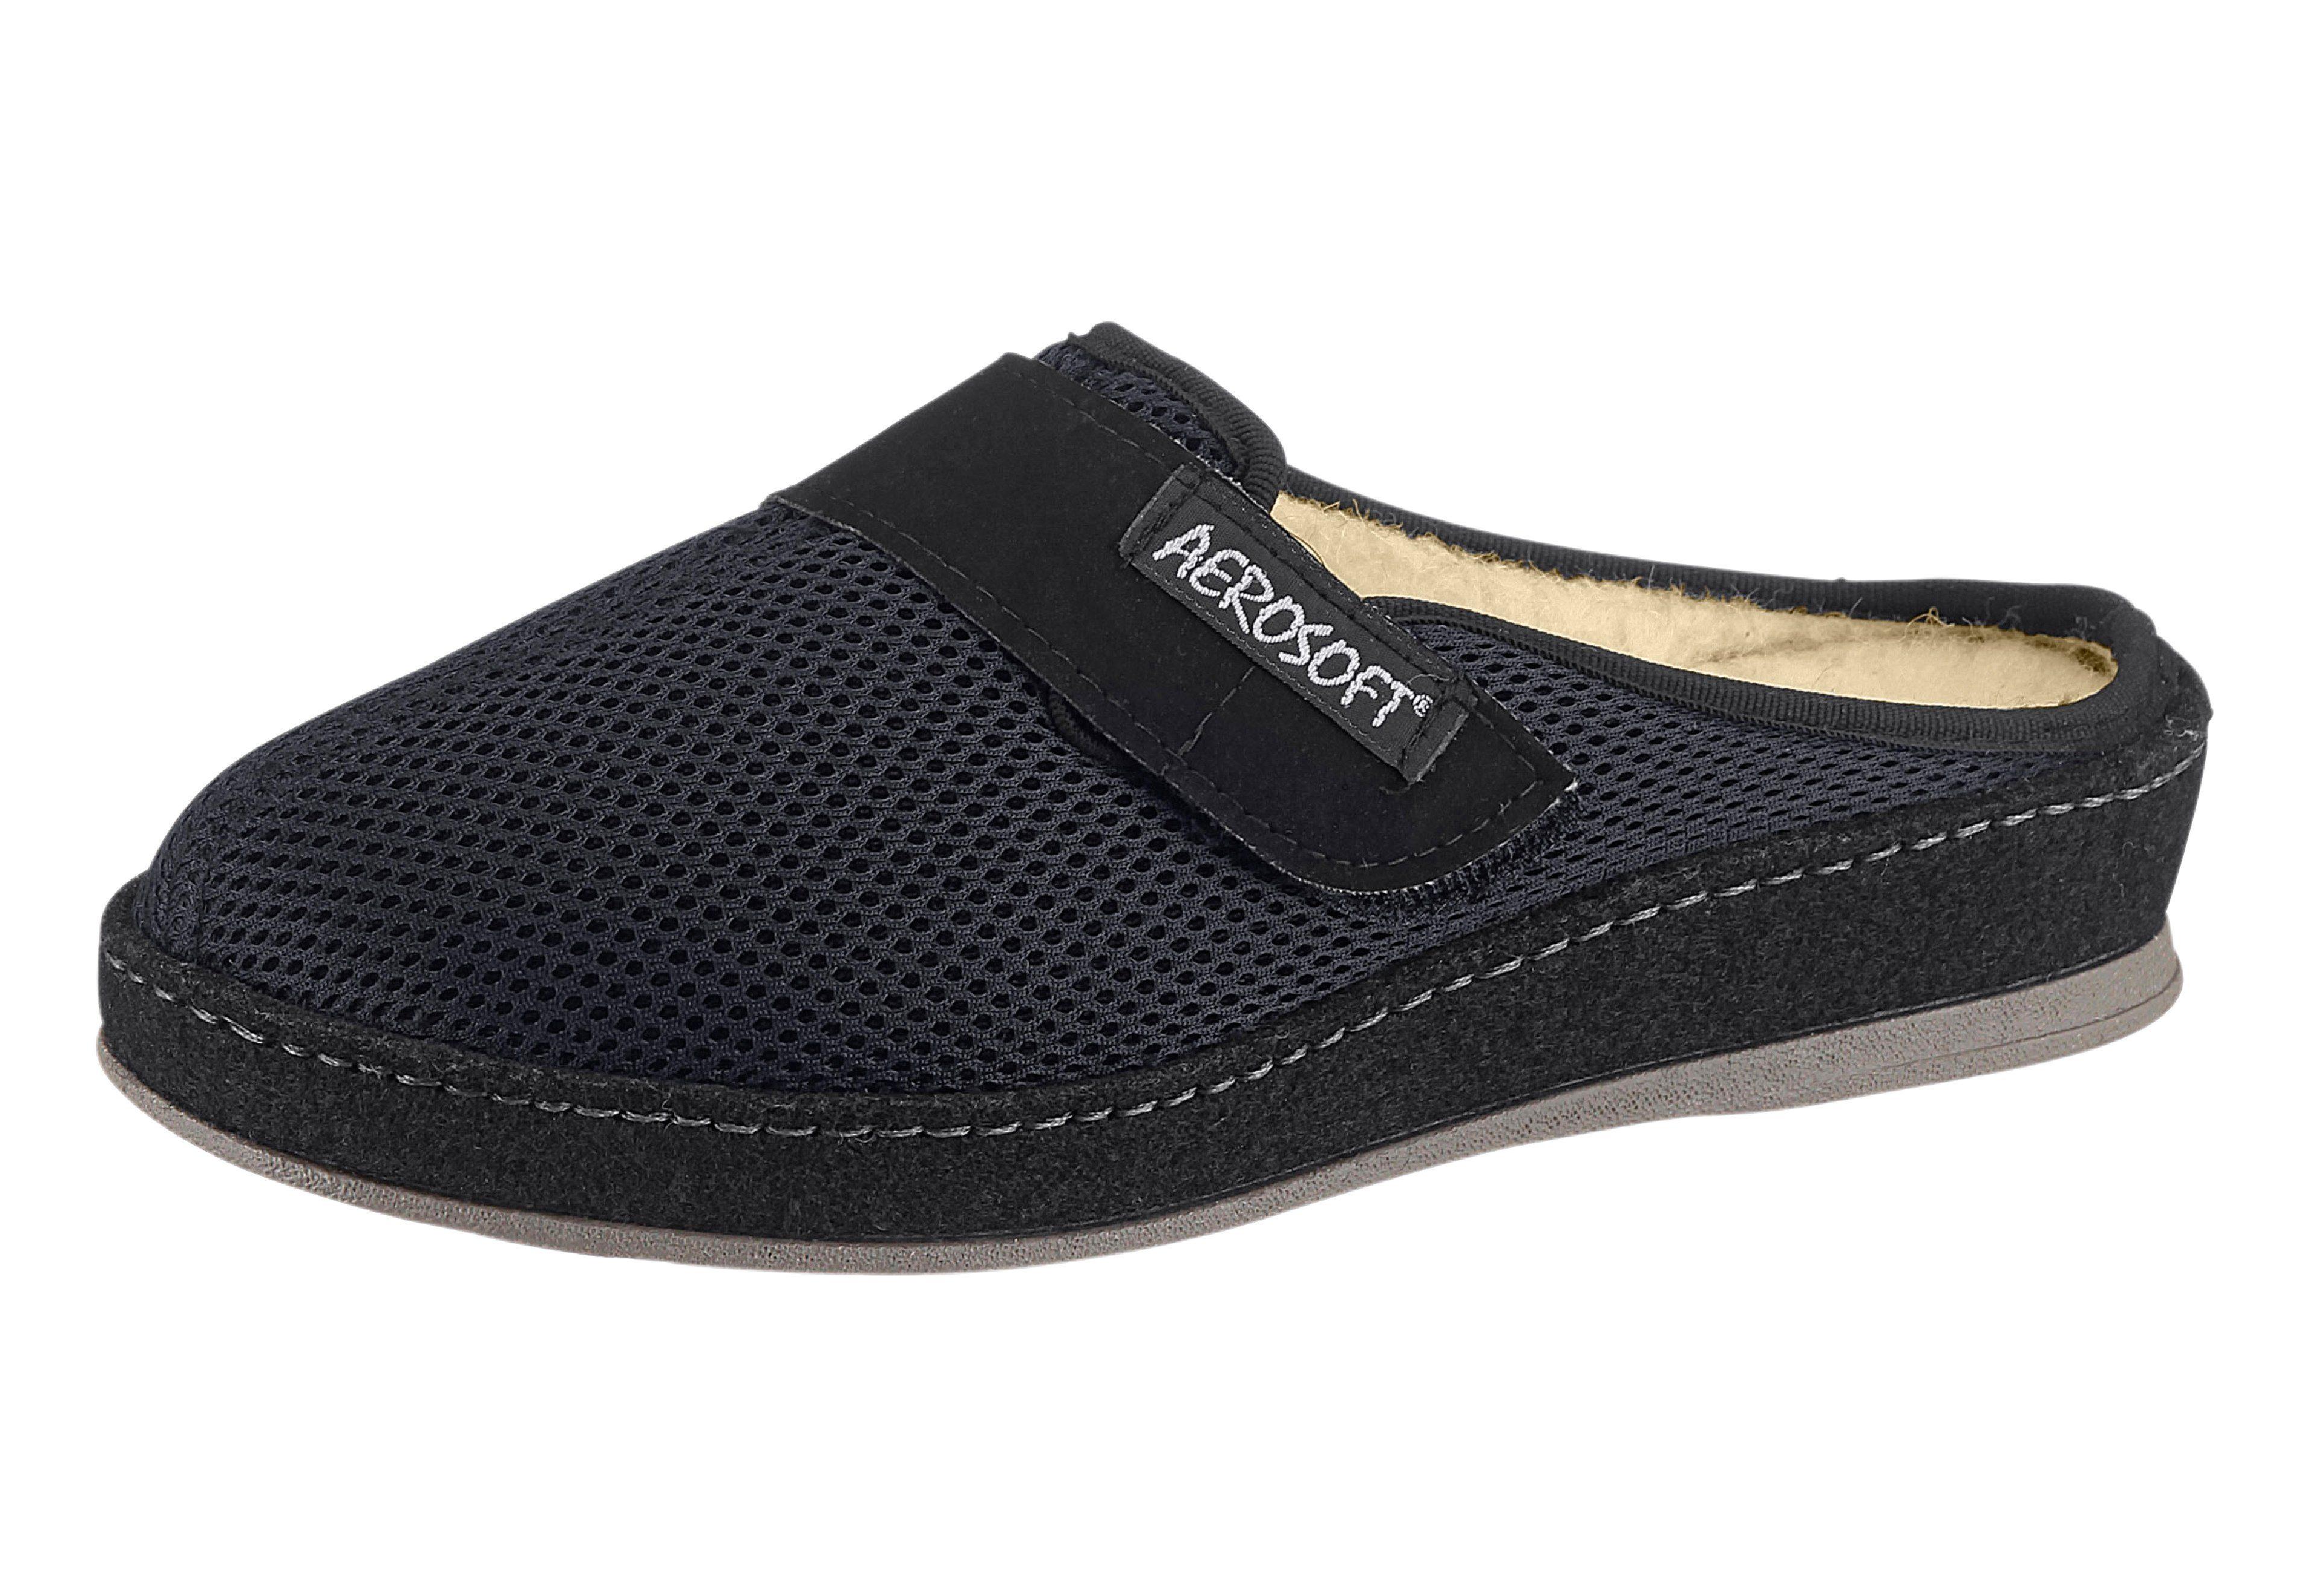 Aerosoft Pantoffel mit flexibler und rutschhemmender PVC-Laufsohle online kaufen  schwarz